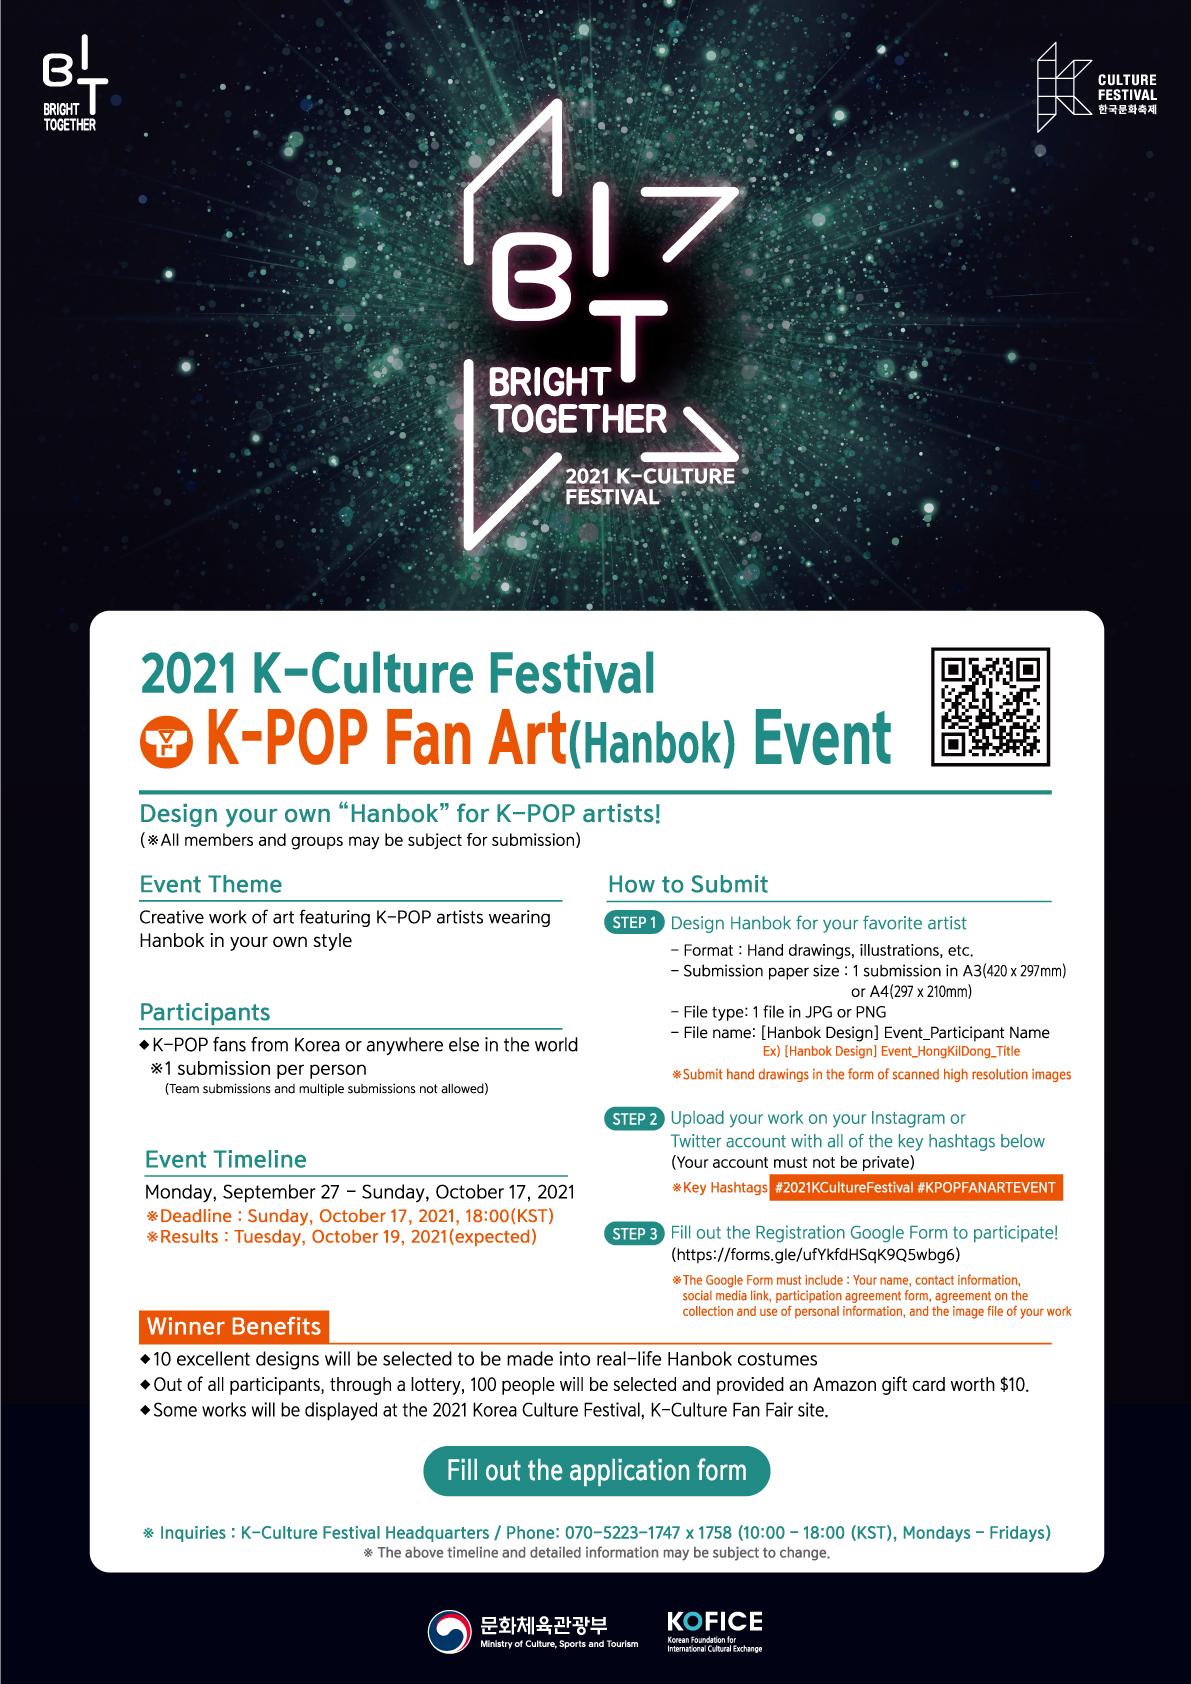 2021 K-Culture Festival 2021 K-Culture Festival K-POP Fan Art (Hanbok) Event Announcement.jpg